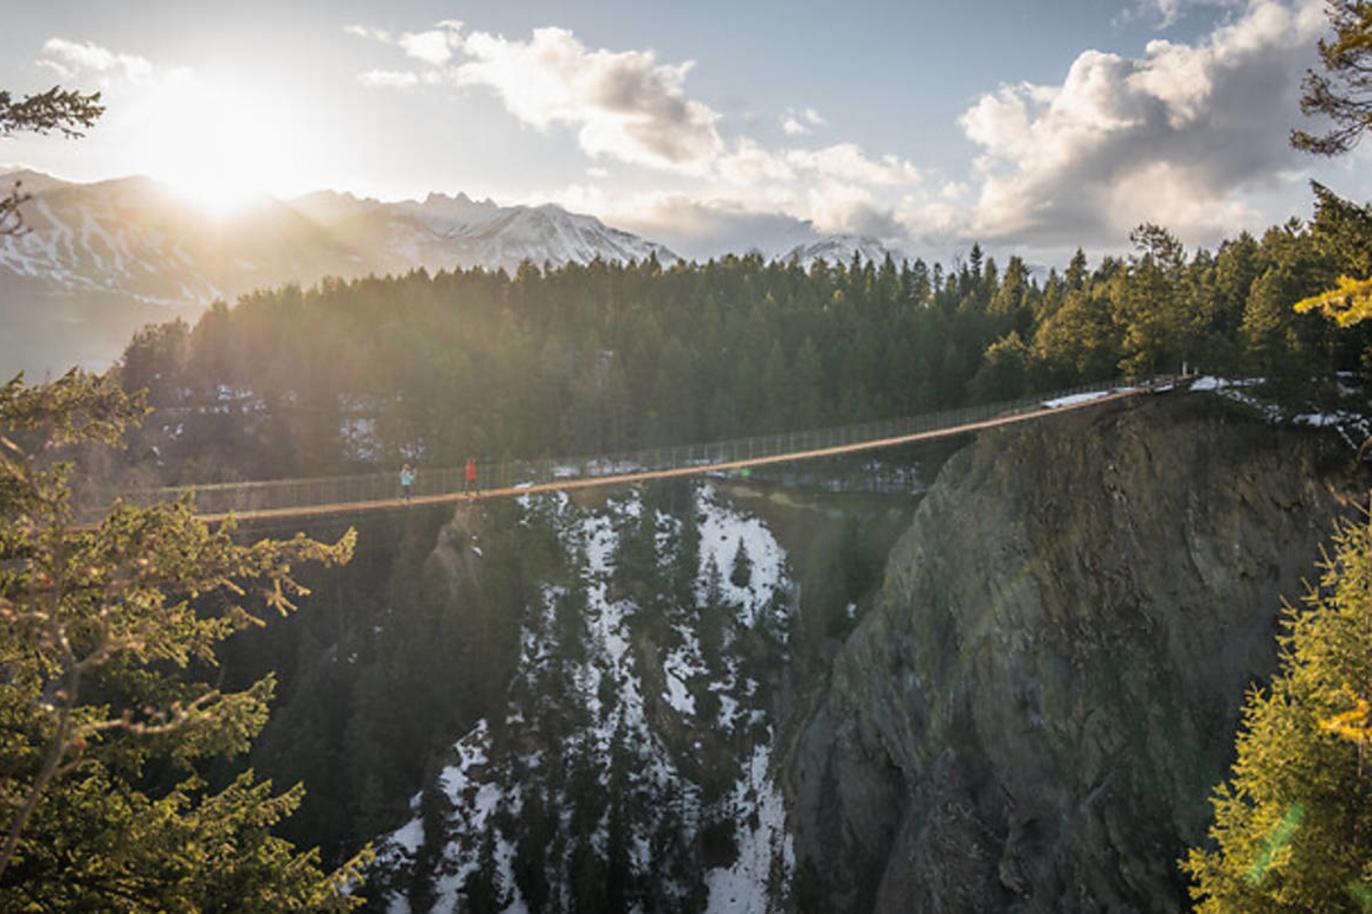 De Golden Skybridge in Canada, Pursuit